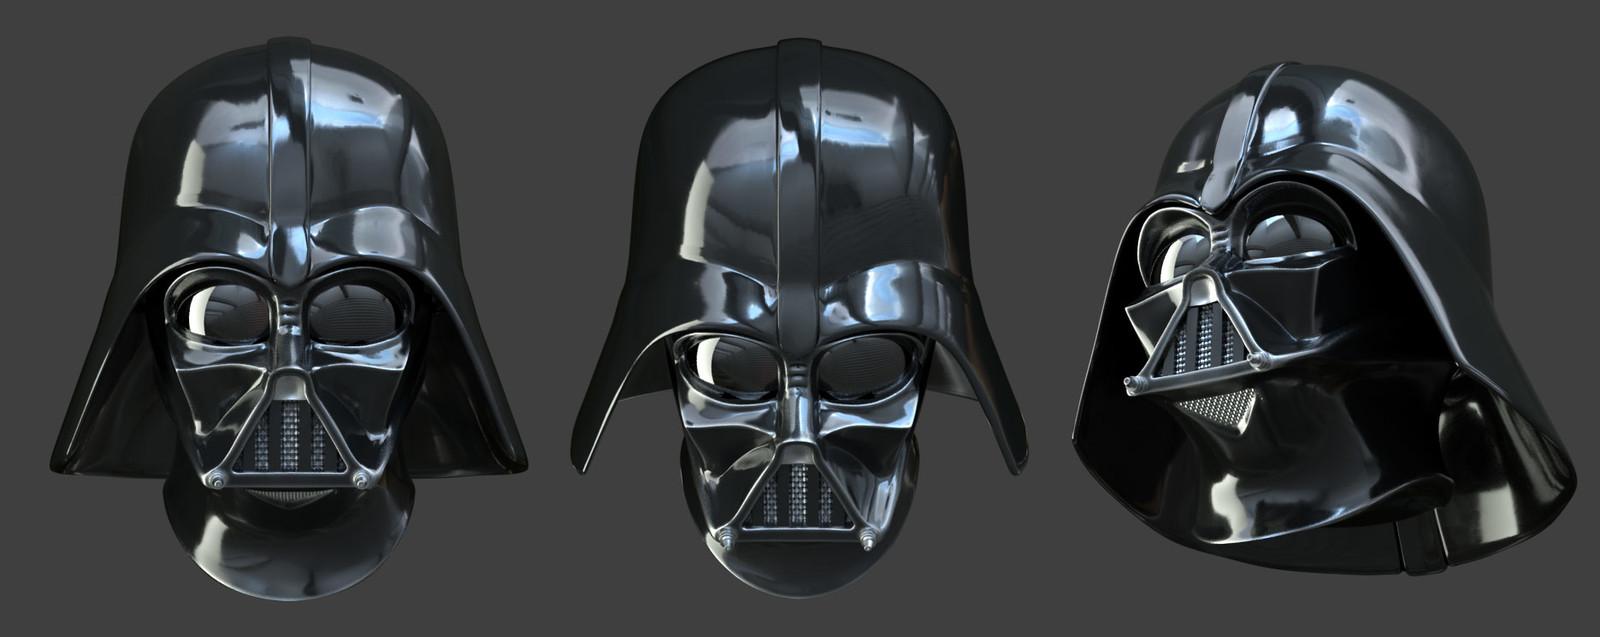 Darth Vader Helmet Render